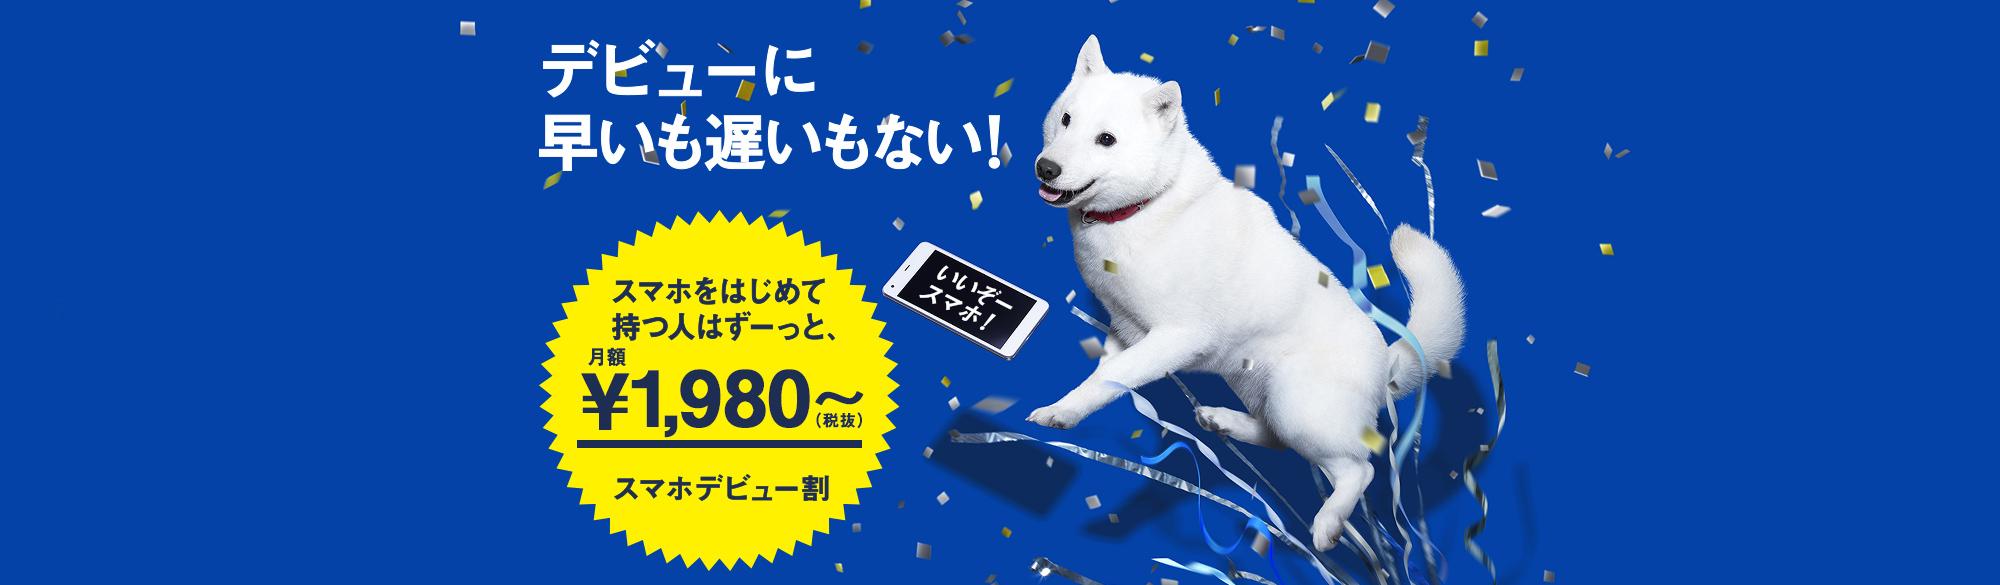 デビュー夫人。 スマホデビュー割 だれでもずーっと月額2,800円(税抜)~